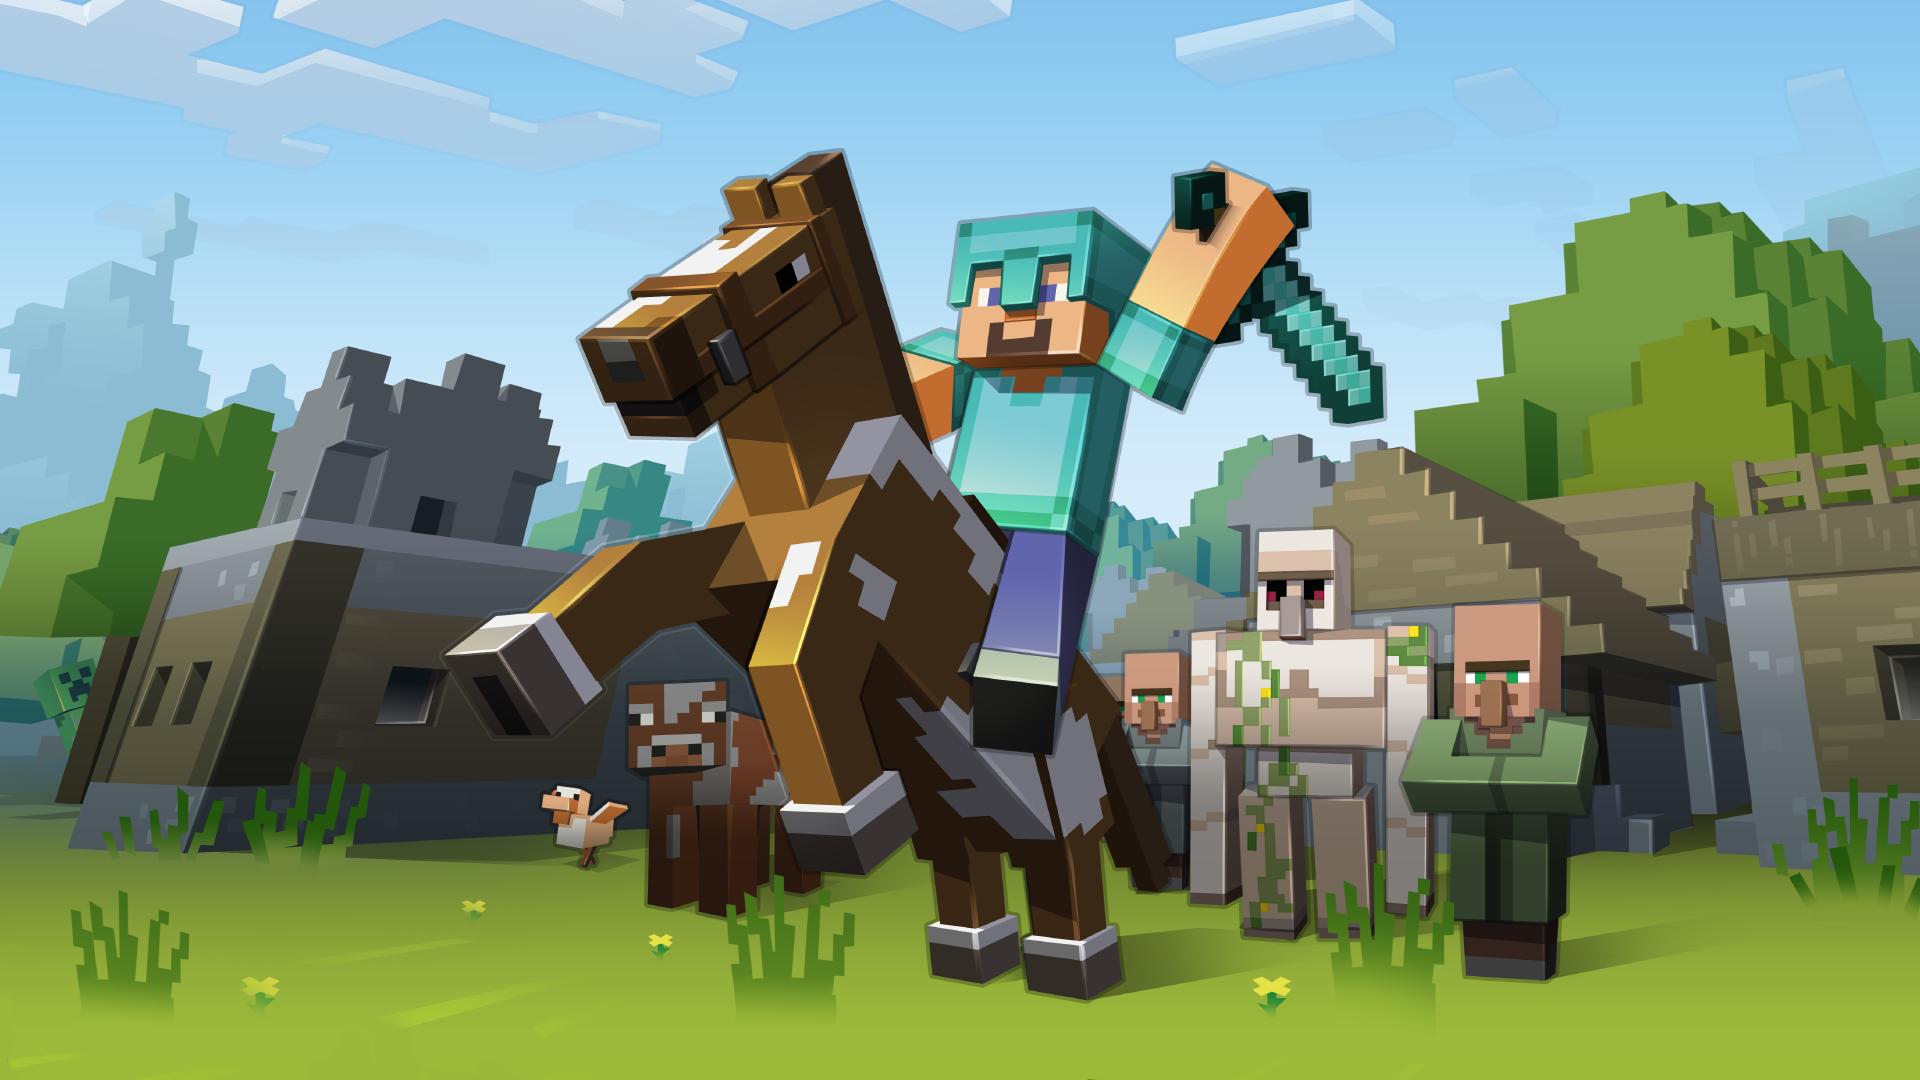 จบเกมส์ Minecraft อย่างไร โดยไม่ต้องขุดบล็อคแม้แต่บล็อคเดียว!?